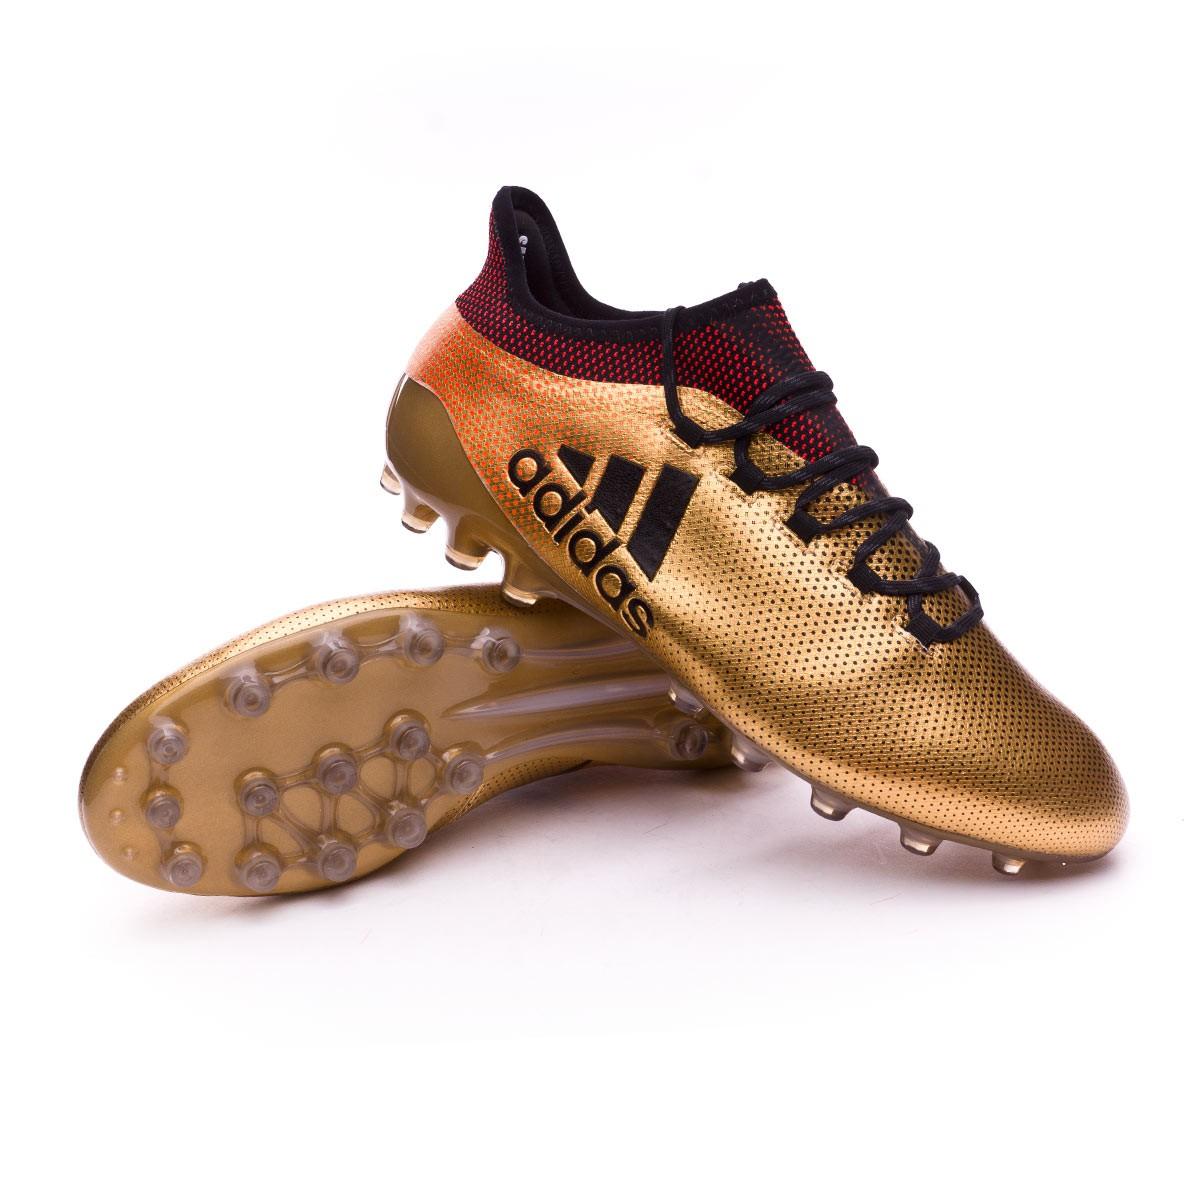 sale retailer c6636 f03d8 Chaussure de foot adidas X 17.1 AG Tactile gold metallic-Core black-Solar  red - Boutique de football Fútbol Emotion